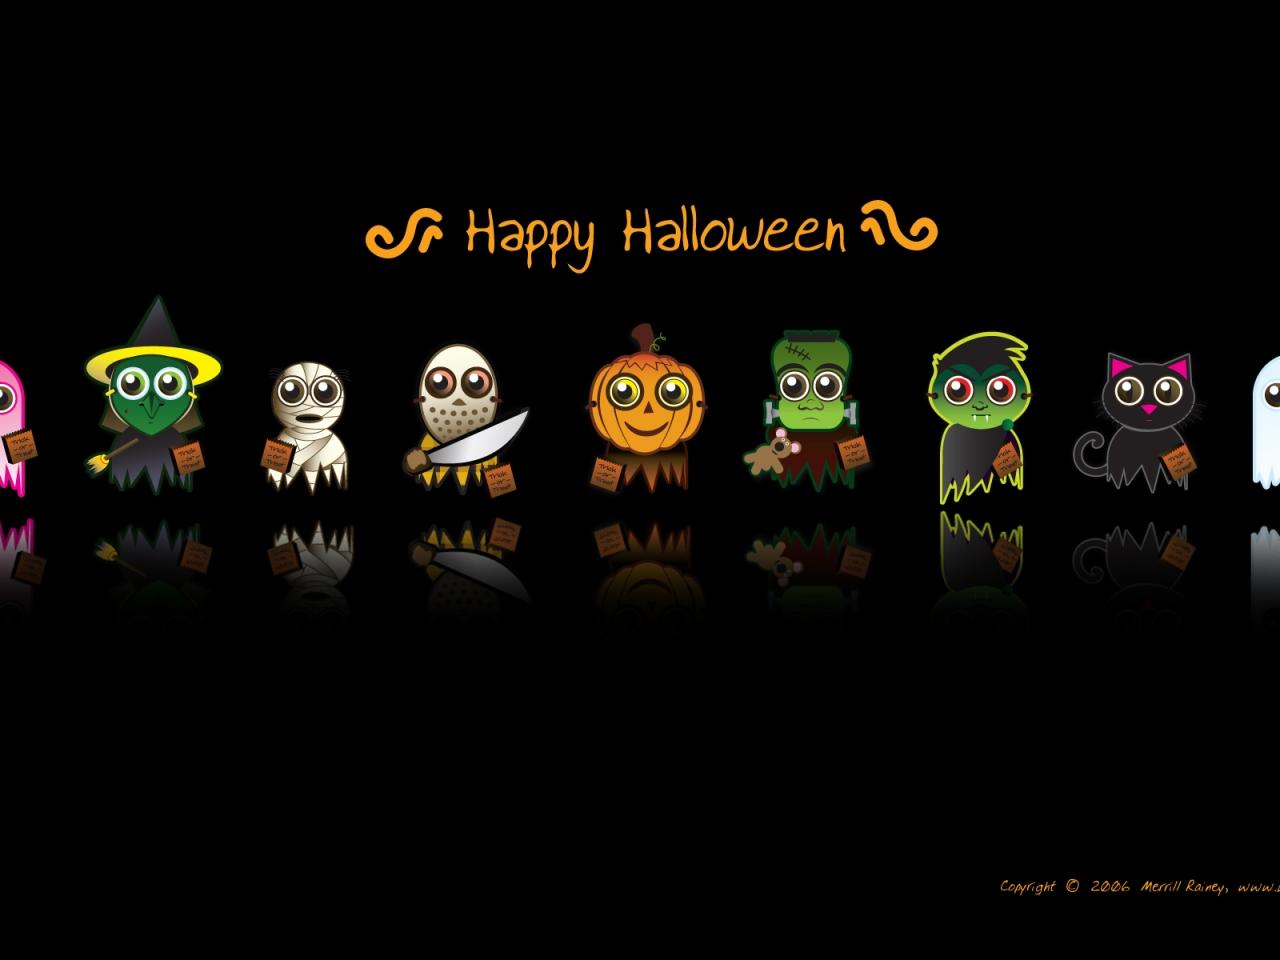 Dibujos de halloween - 1280x960